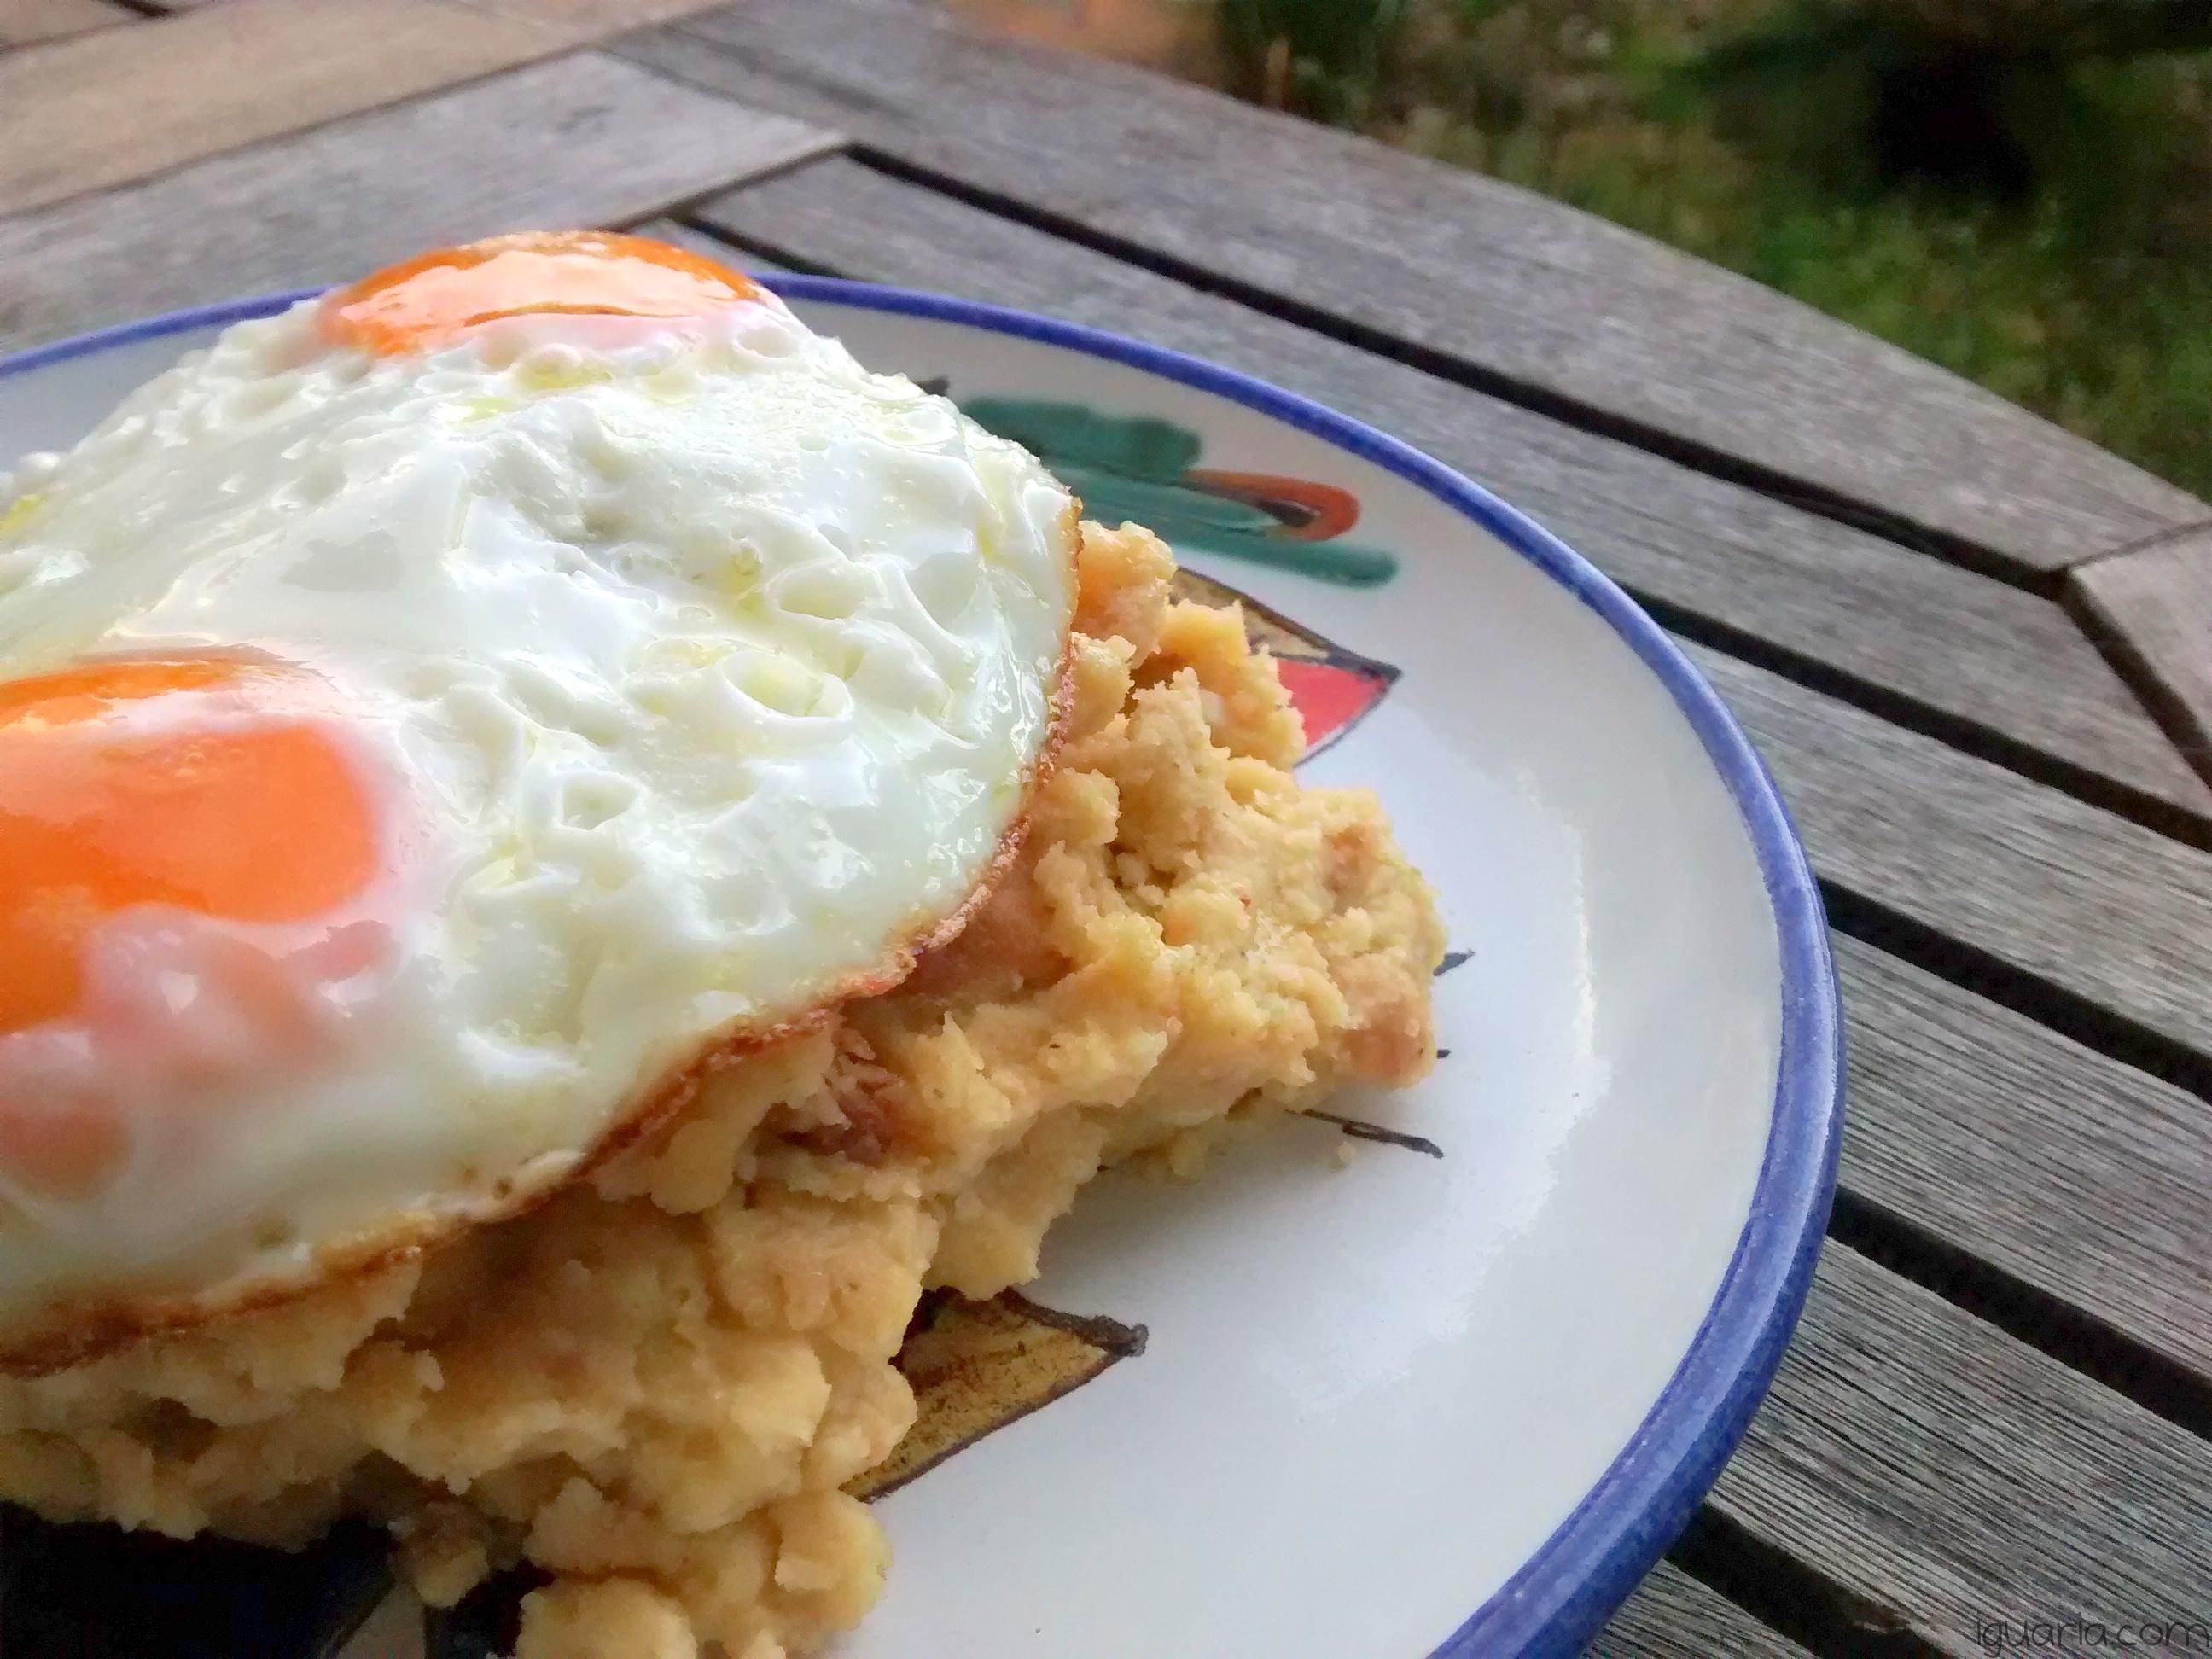 iguaria-ovos-fritos-com-migas-de-milho